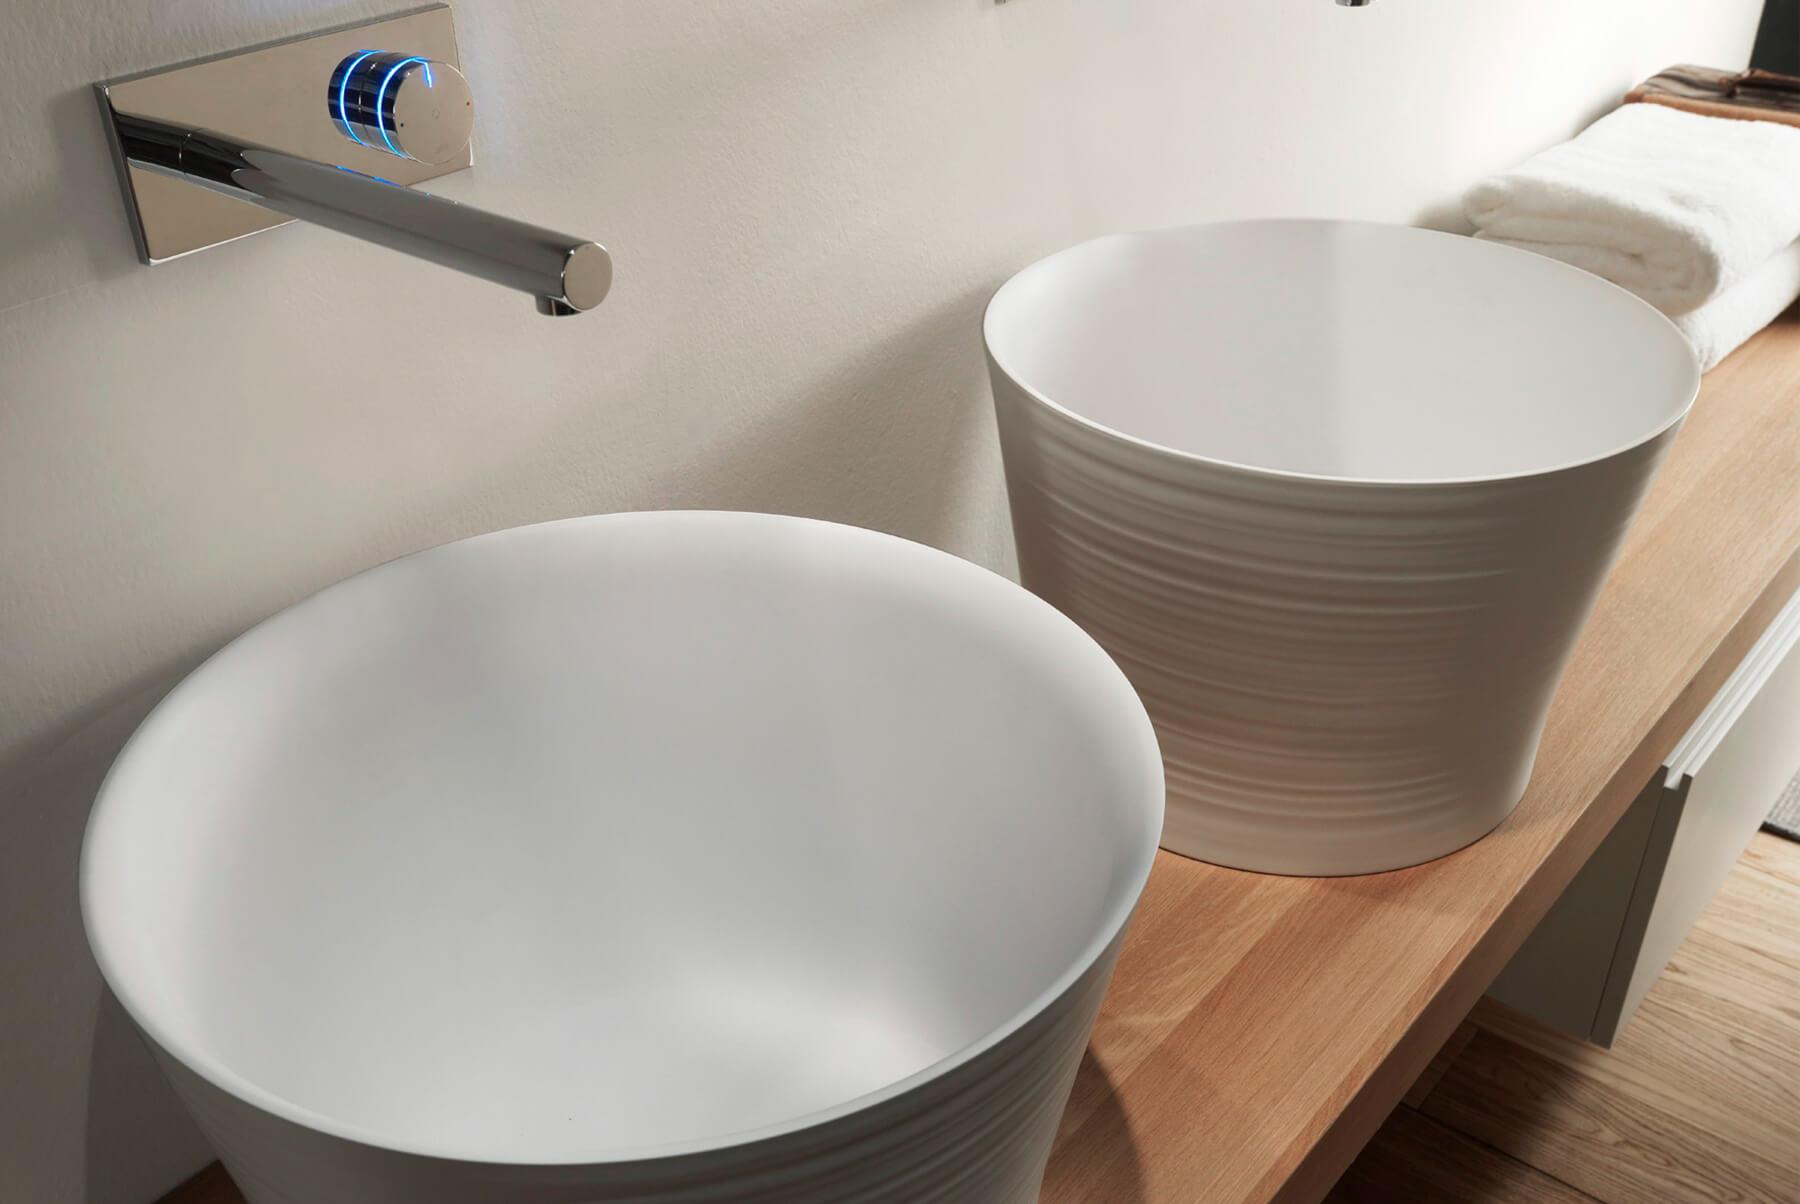 Bath-Tubs-Falper-Handmade-basin-arial-1800x1204